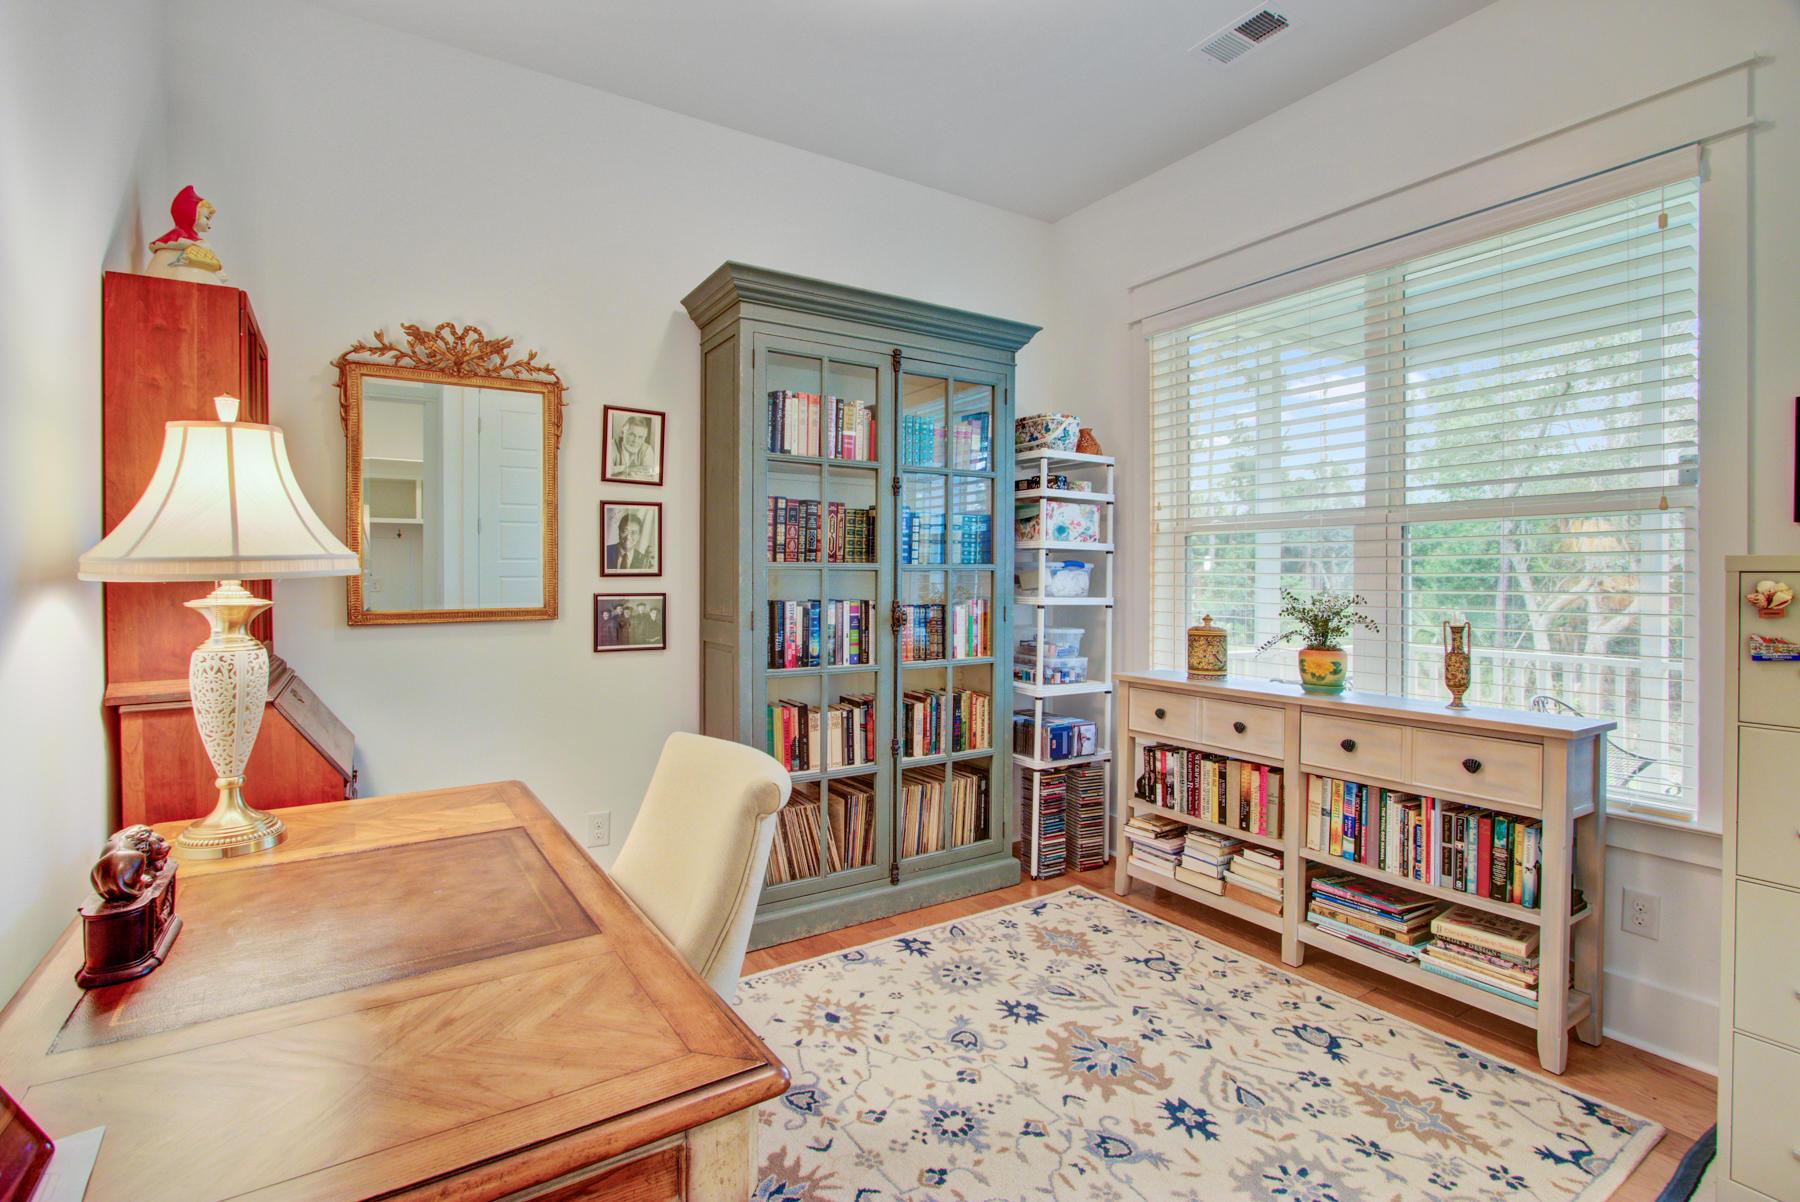 Dunes West Homes For Sale - 2984 Yachtsman, Mount Pleasant, SC - 58